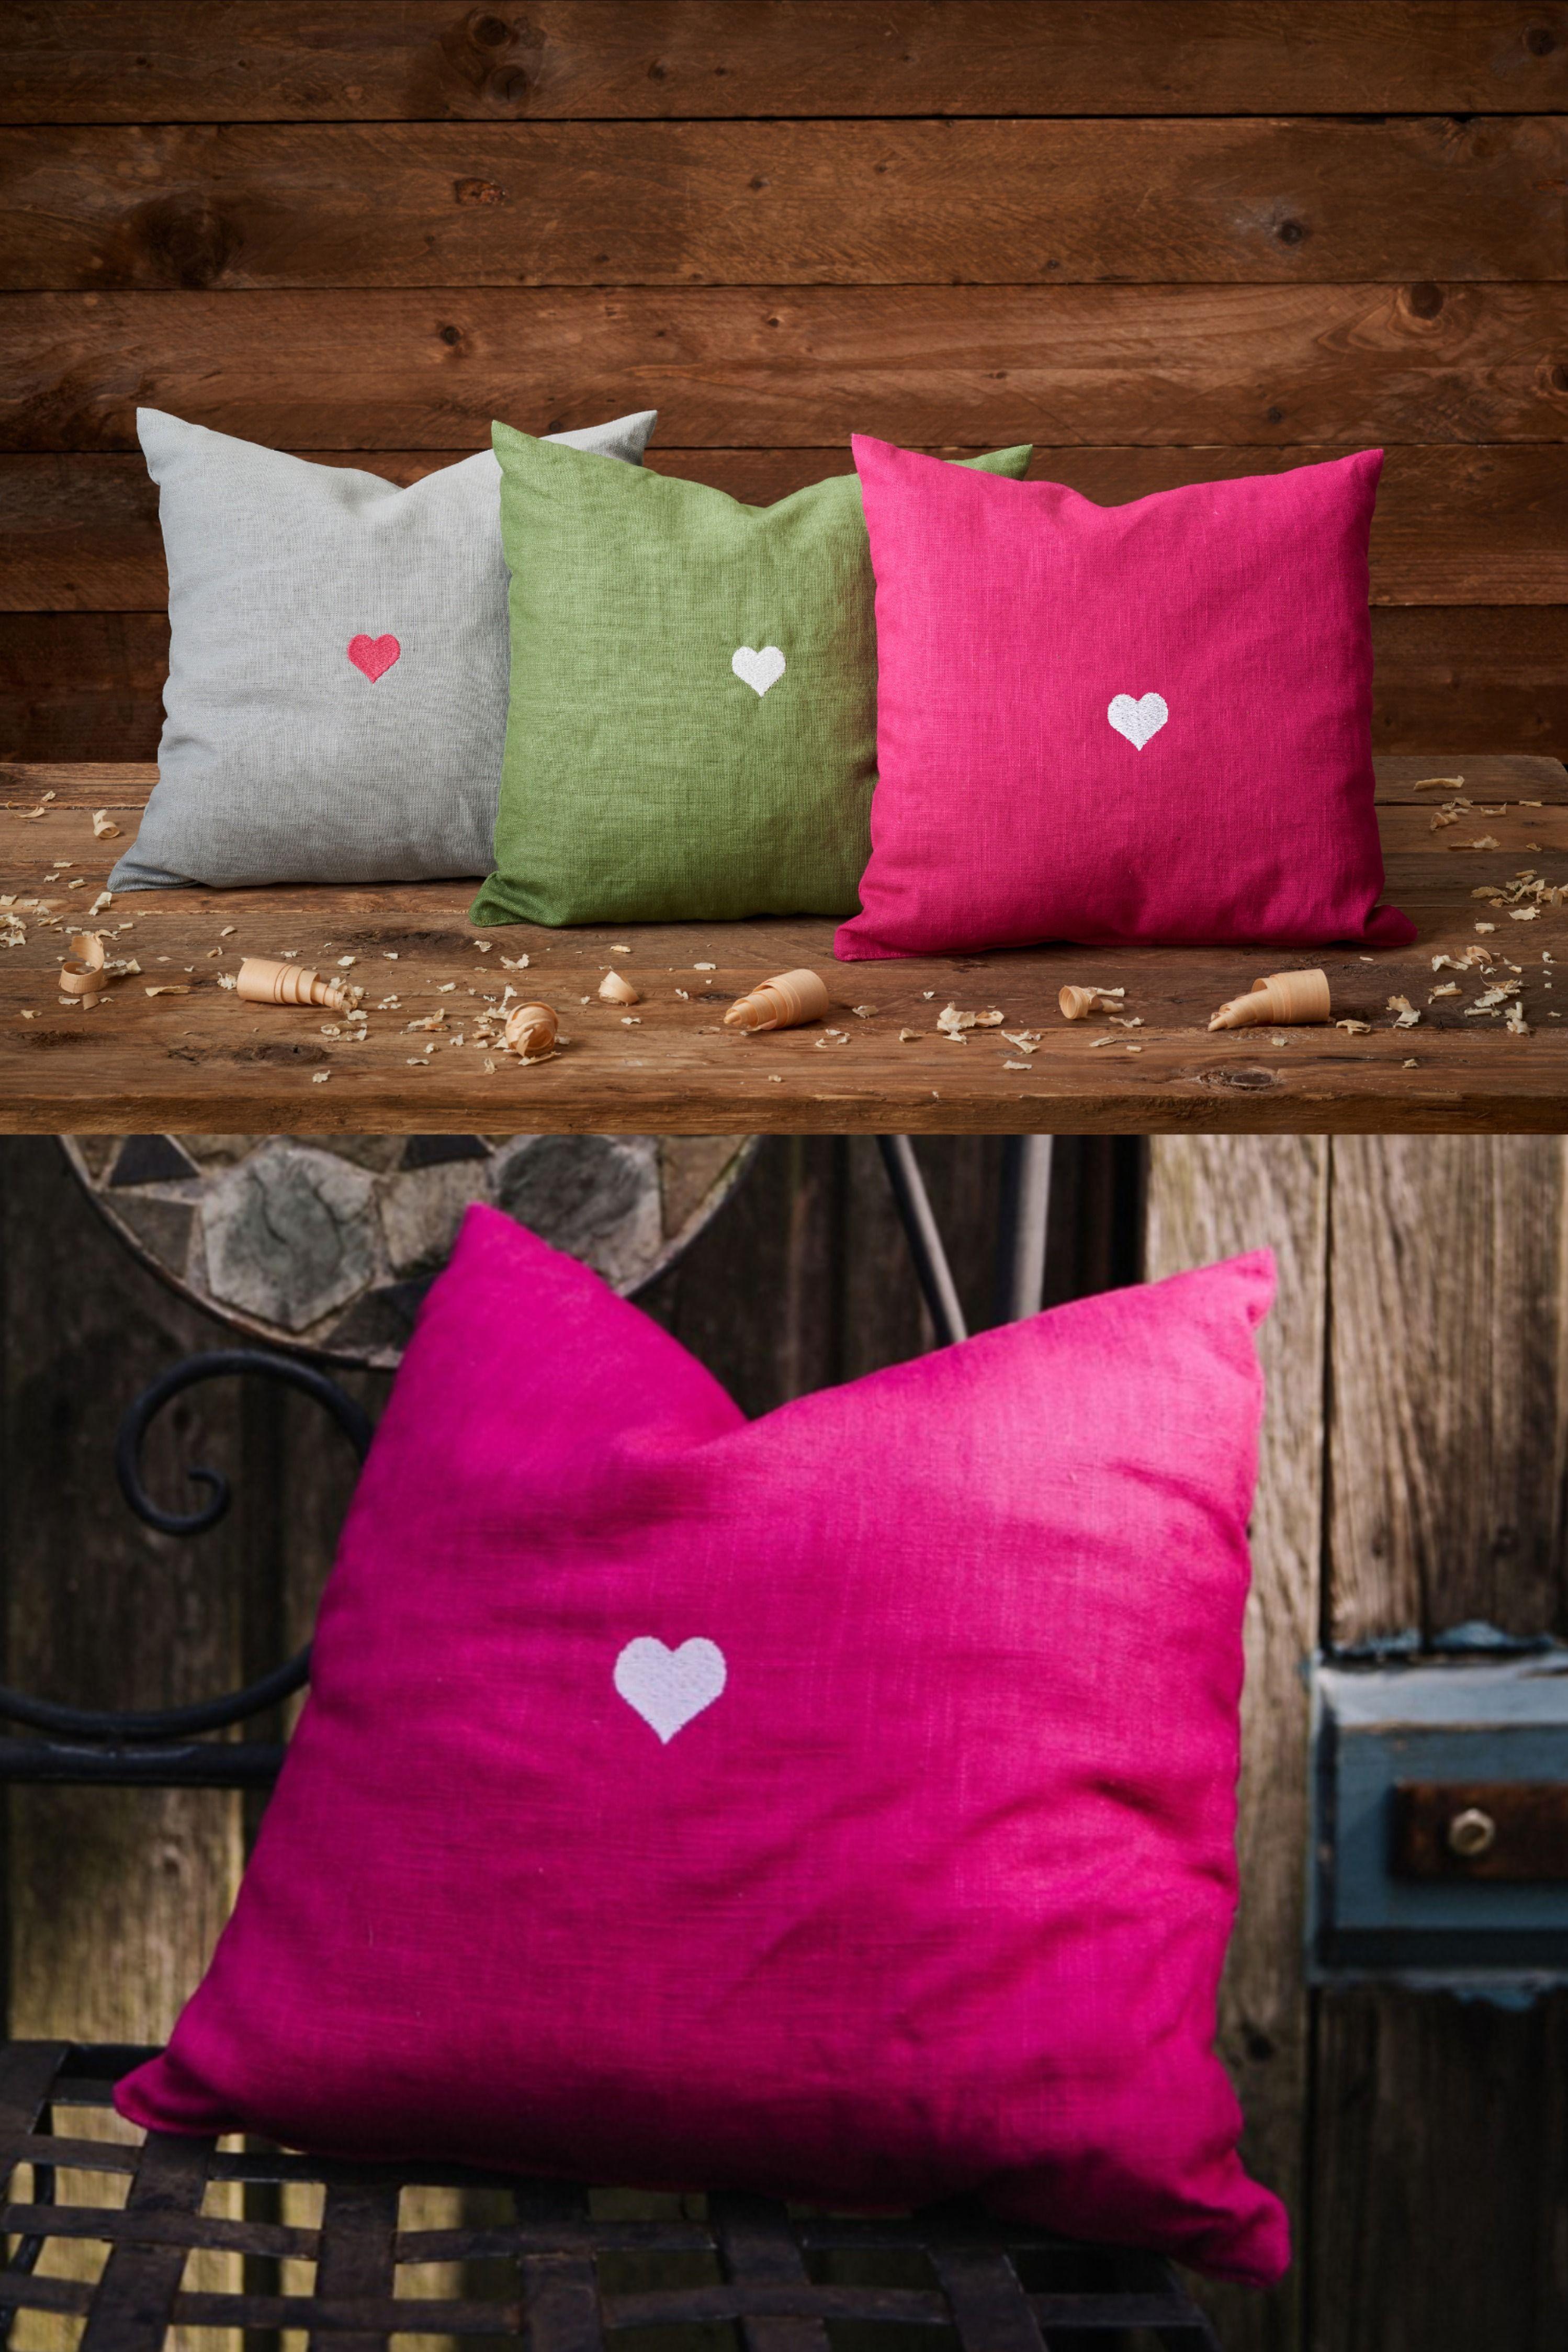 Selbstgemachtes Kissen Mit Zirbenholz Fullung Und Separatem